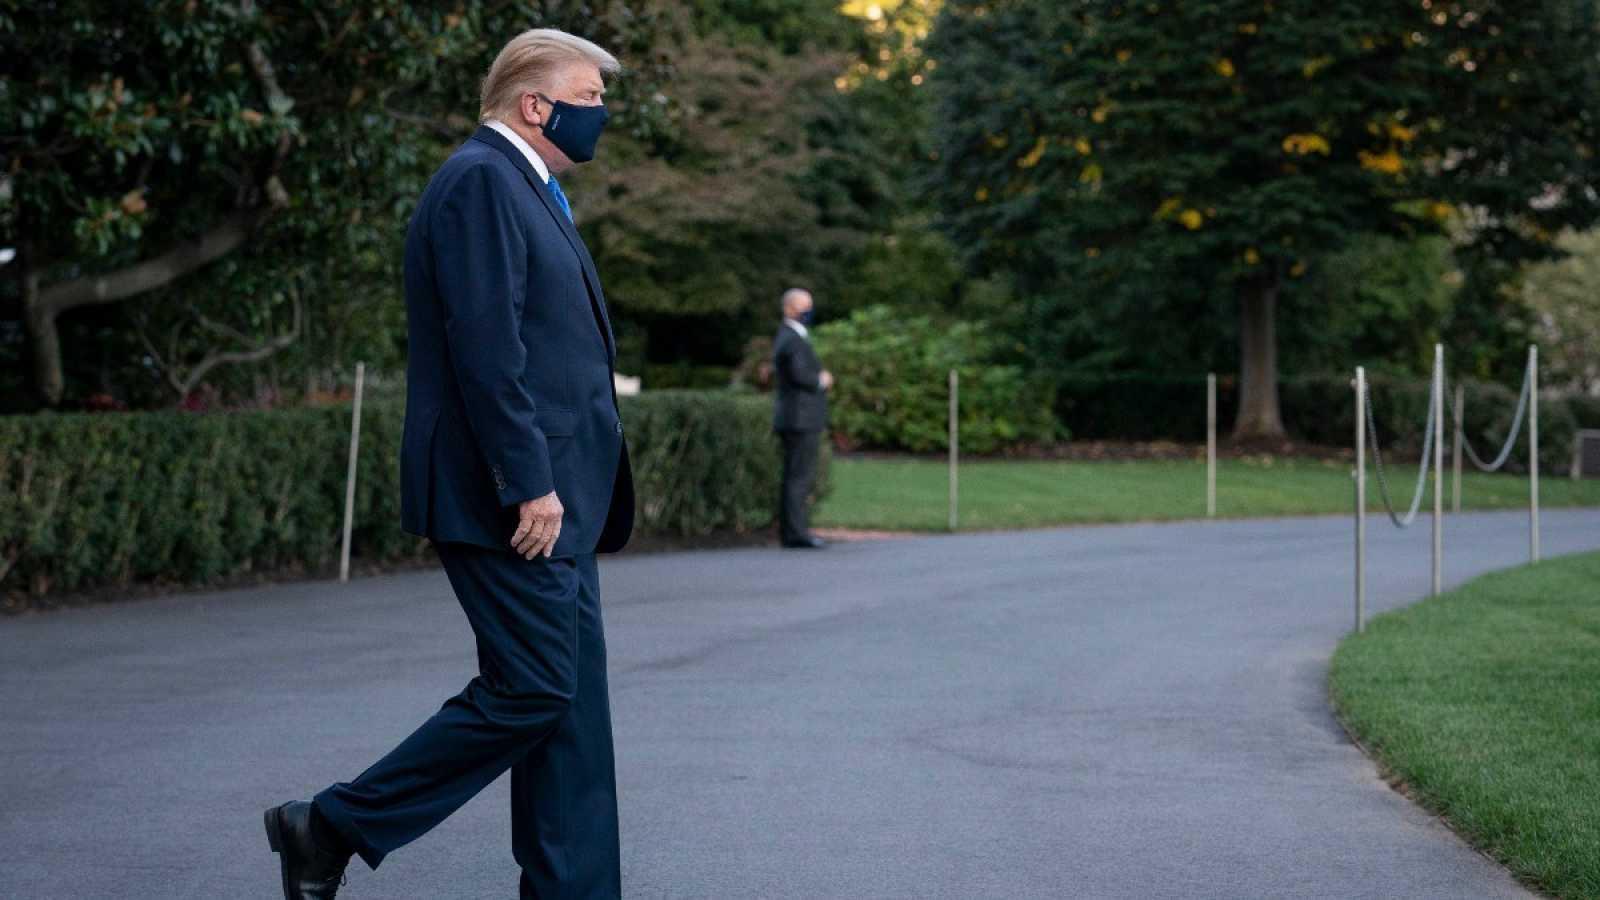 El presidente de Estados Unidos, Donald Trump, con mascarilla.